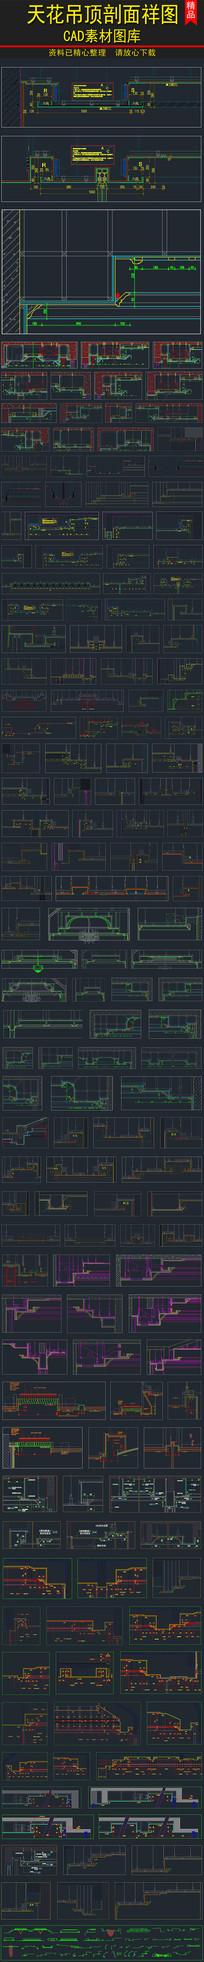 精品天花吊顶剖面图CAD素材